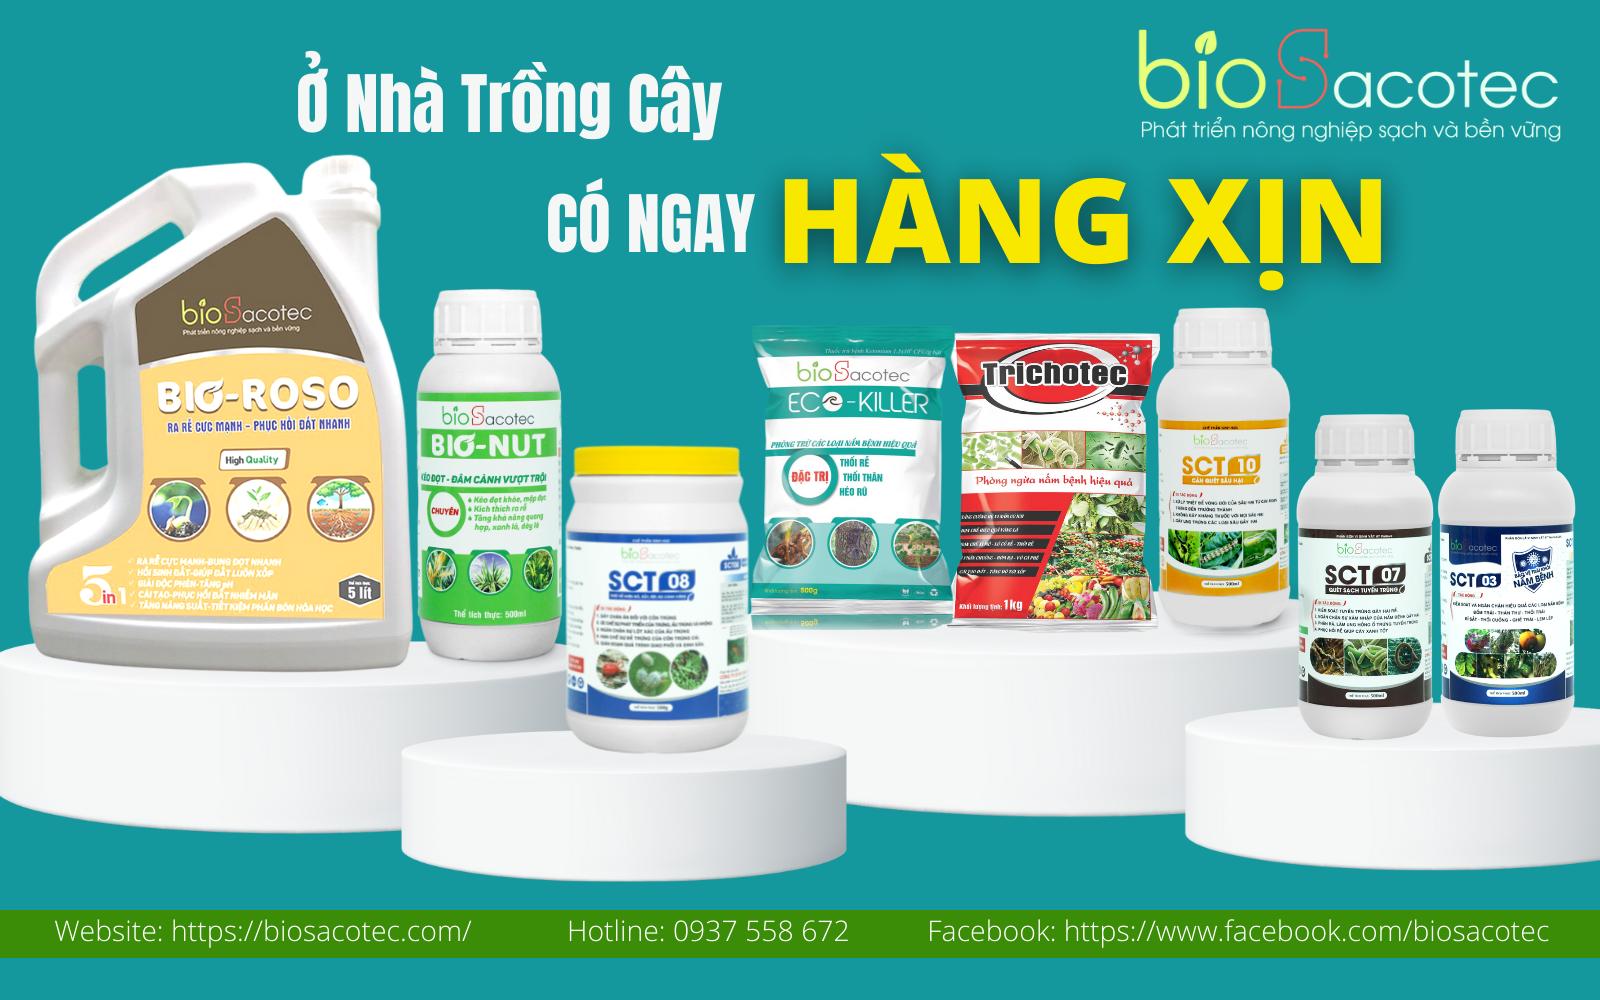 sản phẩm phân bón hữu cơ và chế phẩm sinh học BioSacotec